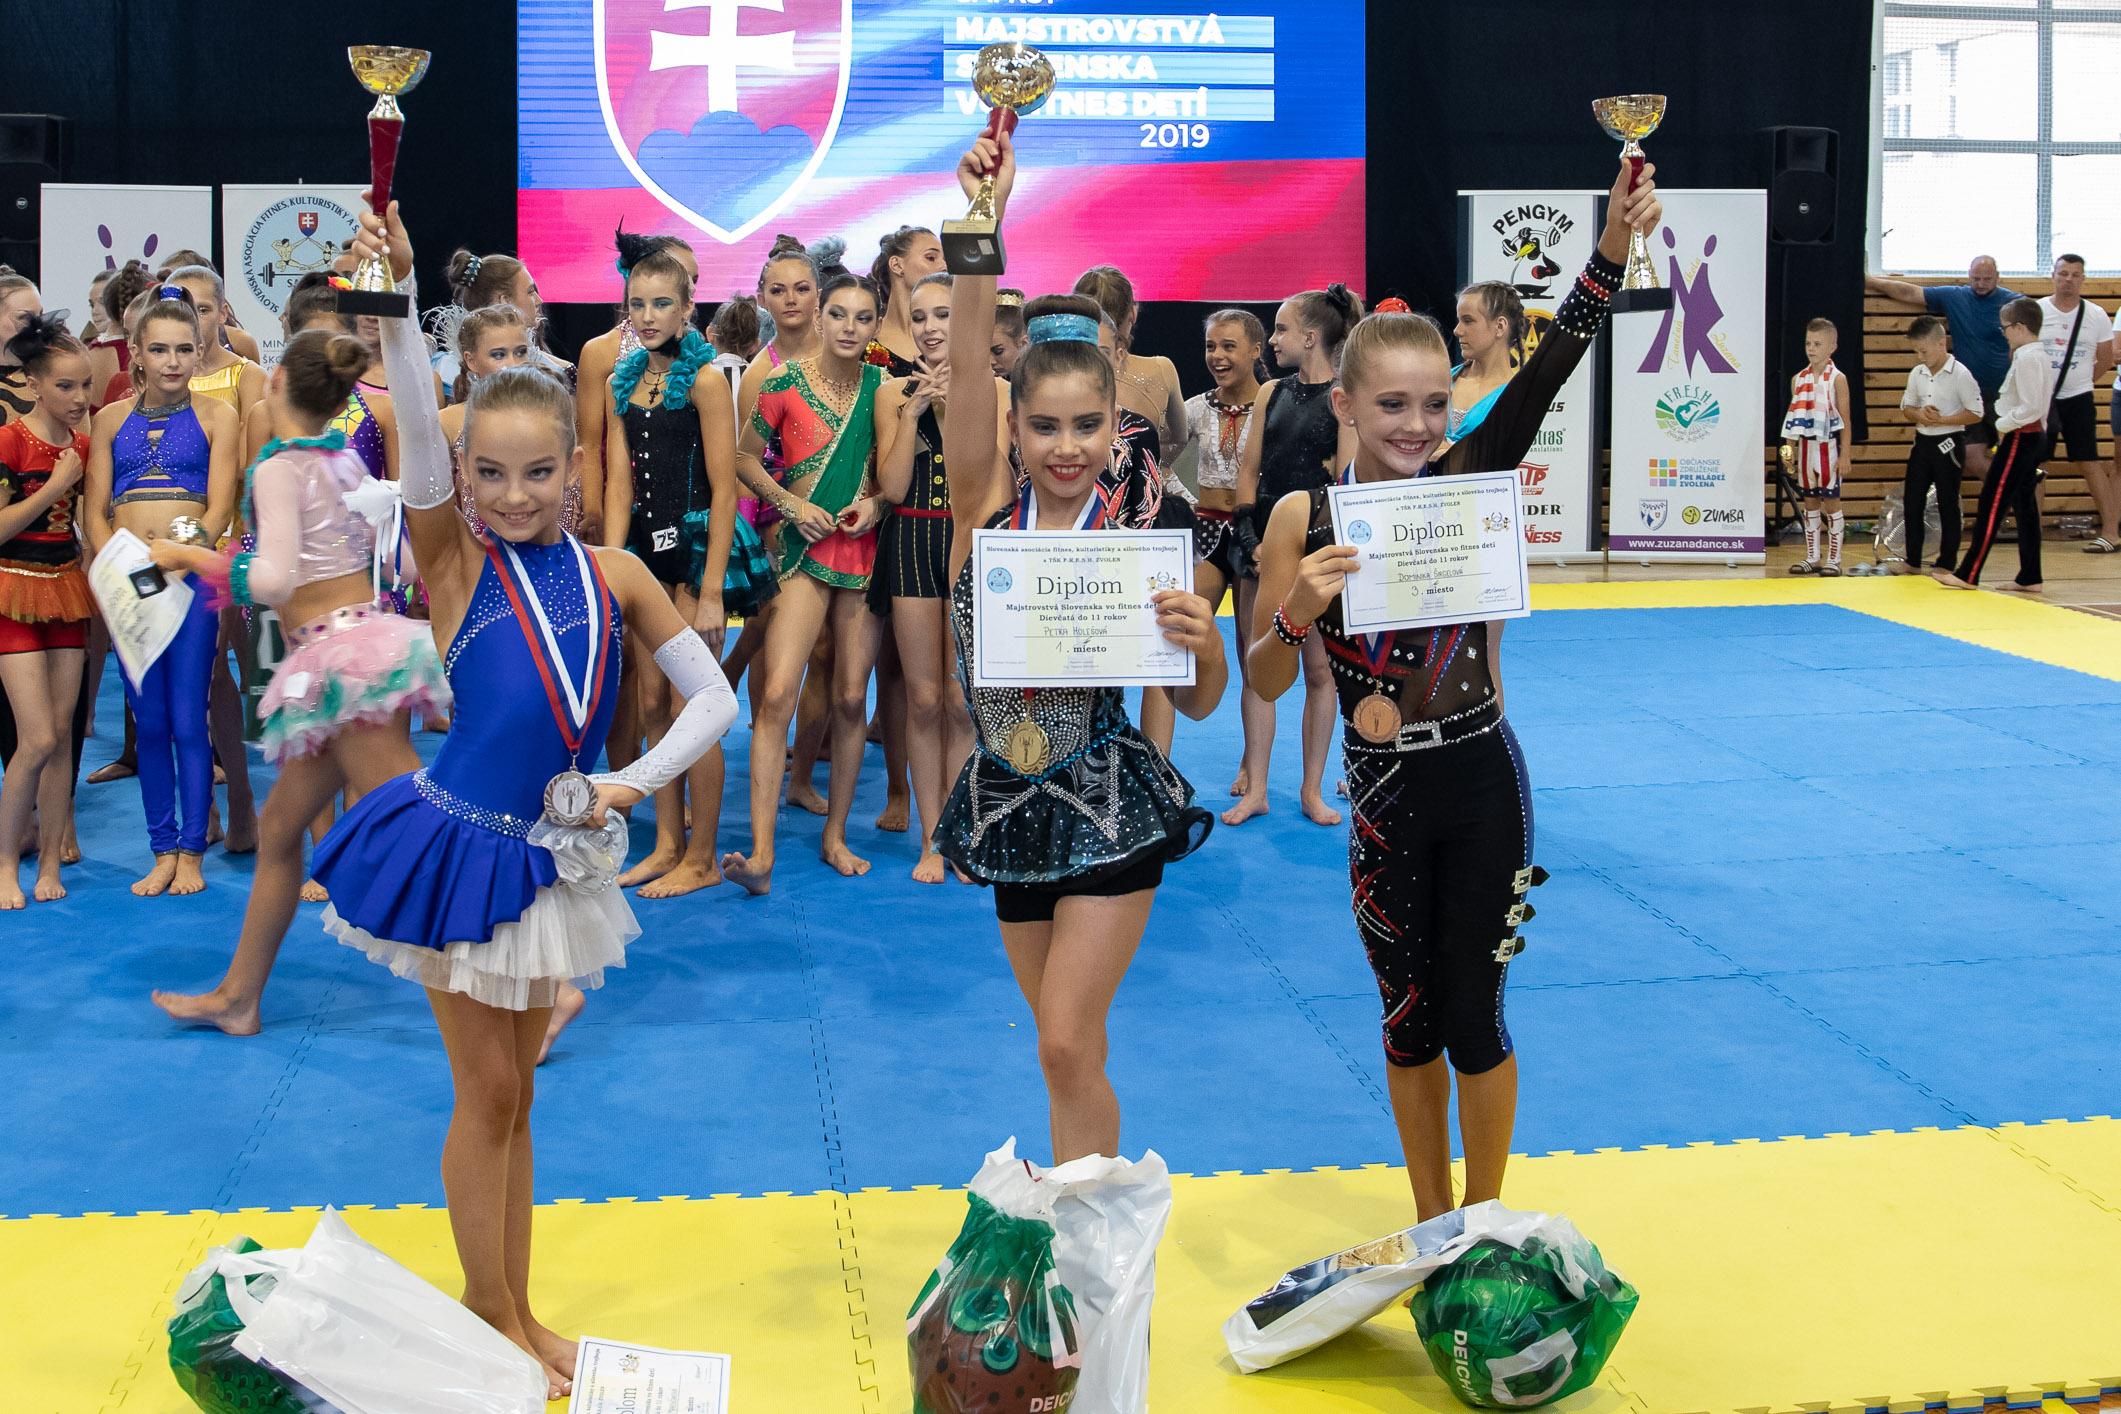 holesova-marencakova-sirgelova-2019